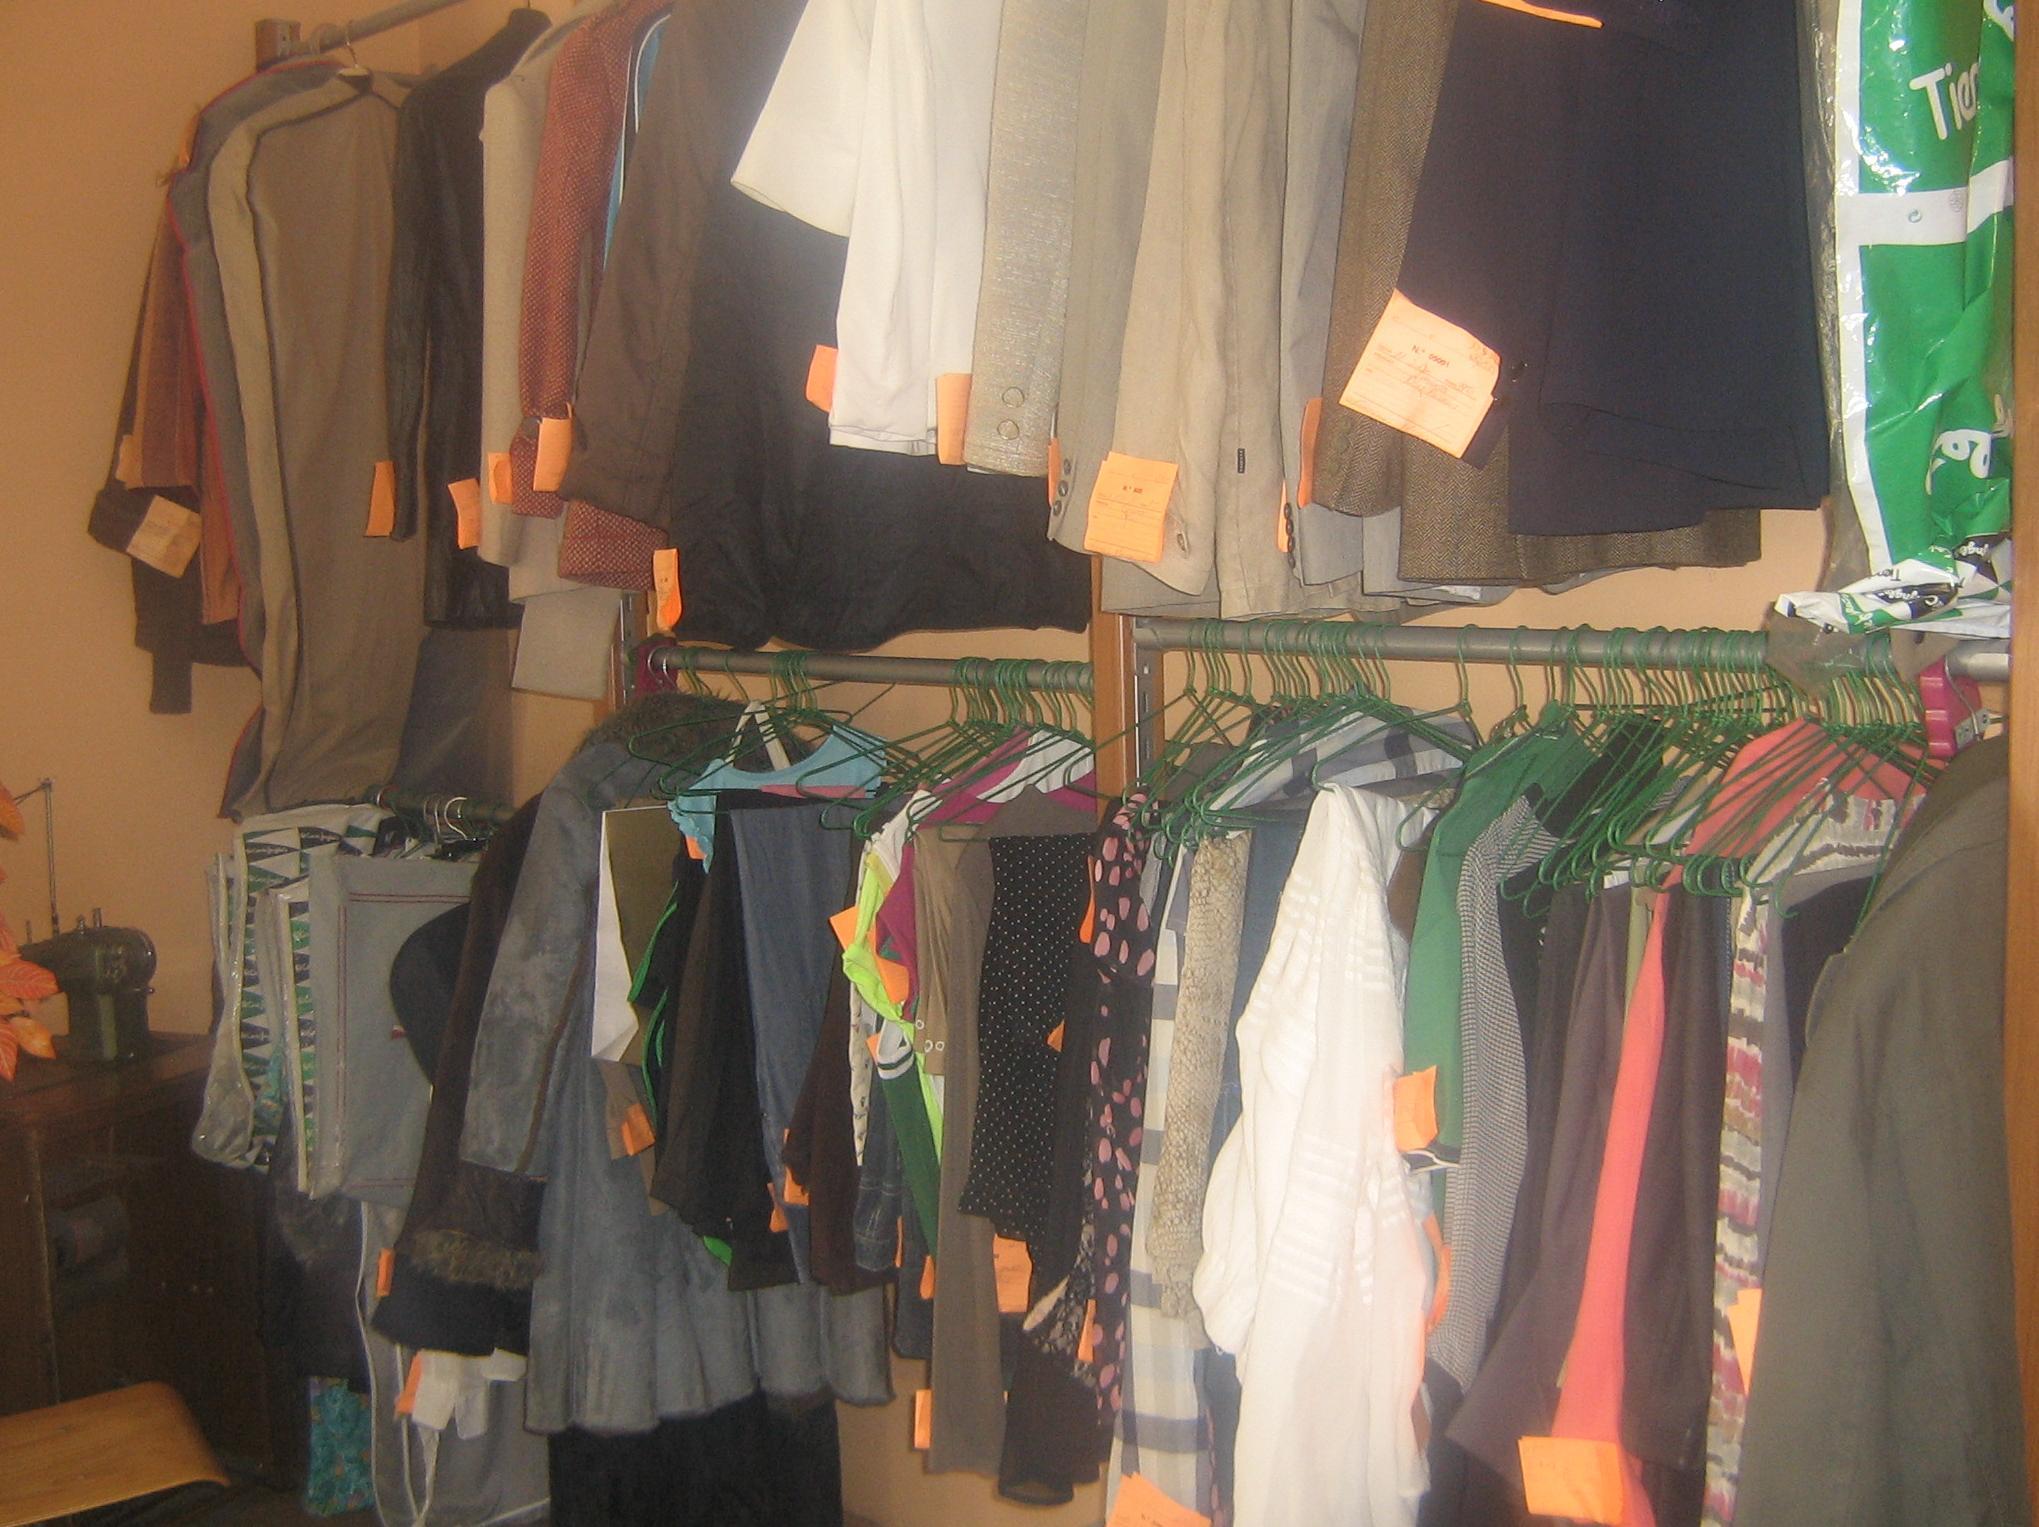 Foto 5 de Arreglos de ropa y piel en Zaragoza | Arreglos Vistebién